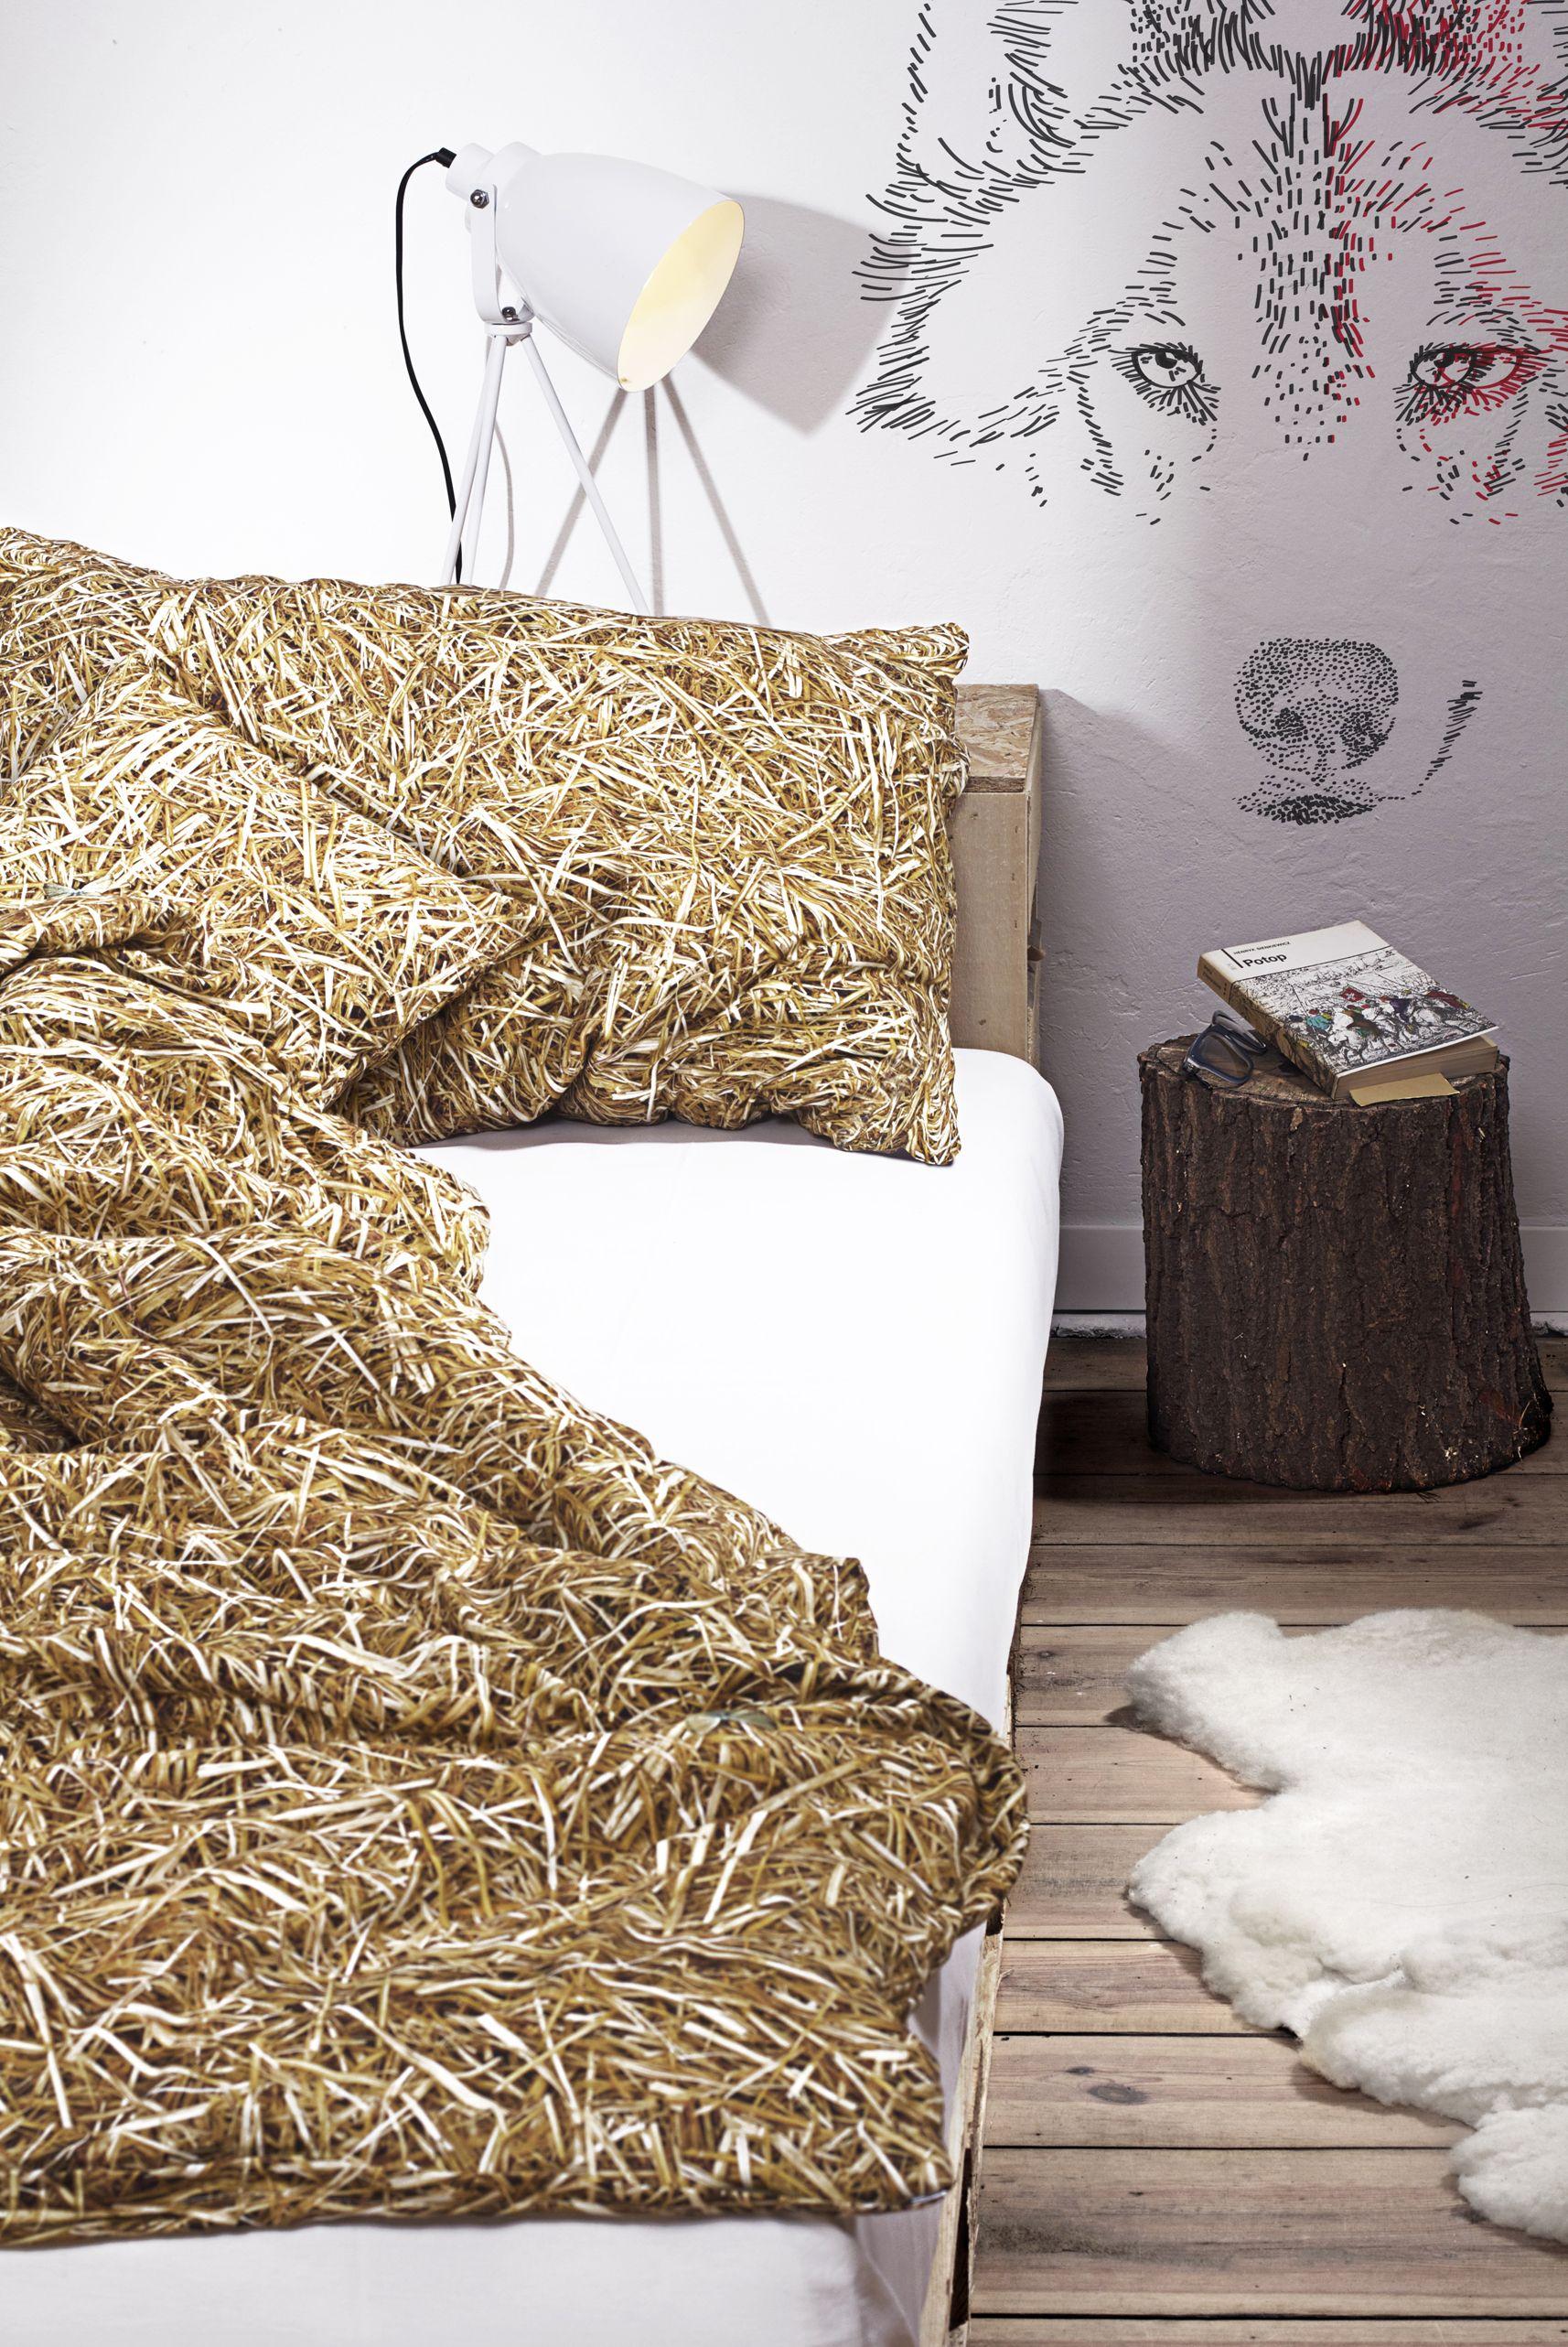 Holt euch den Sommer ins Schlafzimmer zurück Unsere Bettwäsche mit fotorealistischem Stroh Design sorgt